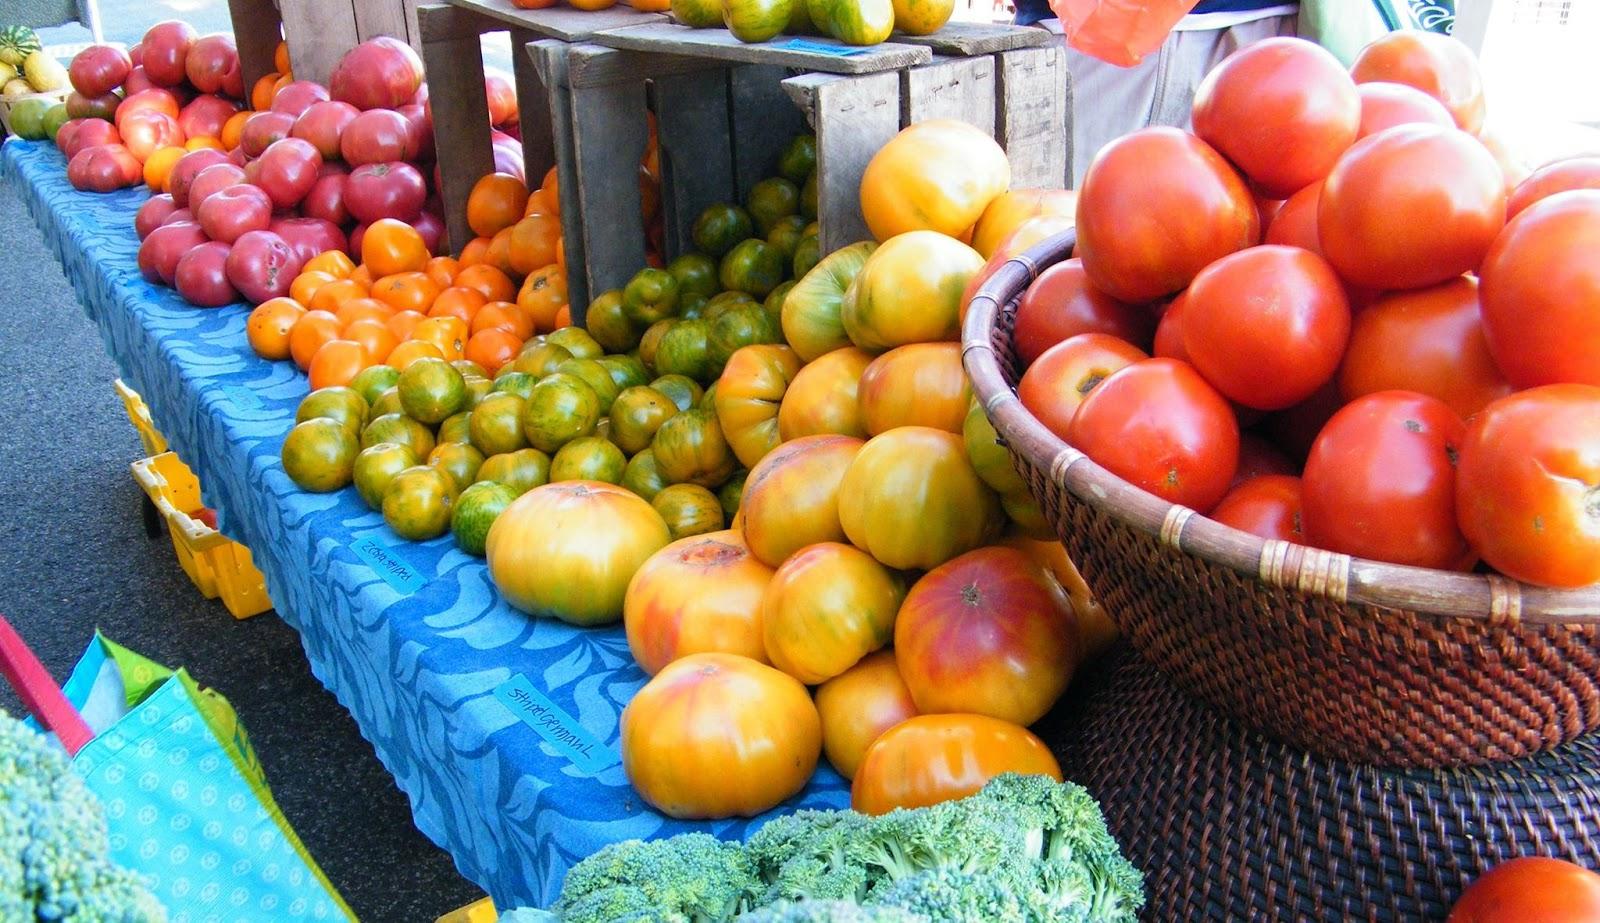 bloomingdale: Bloomingdale Farmers Market Sunday: CIDER is Back as is ...